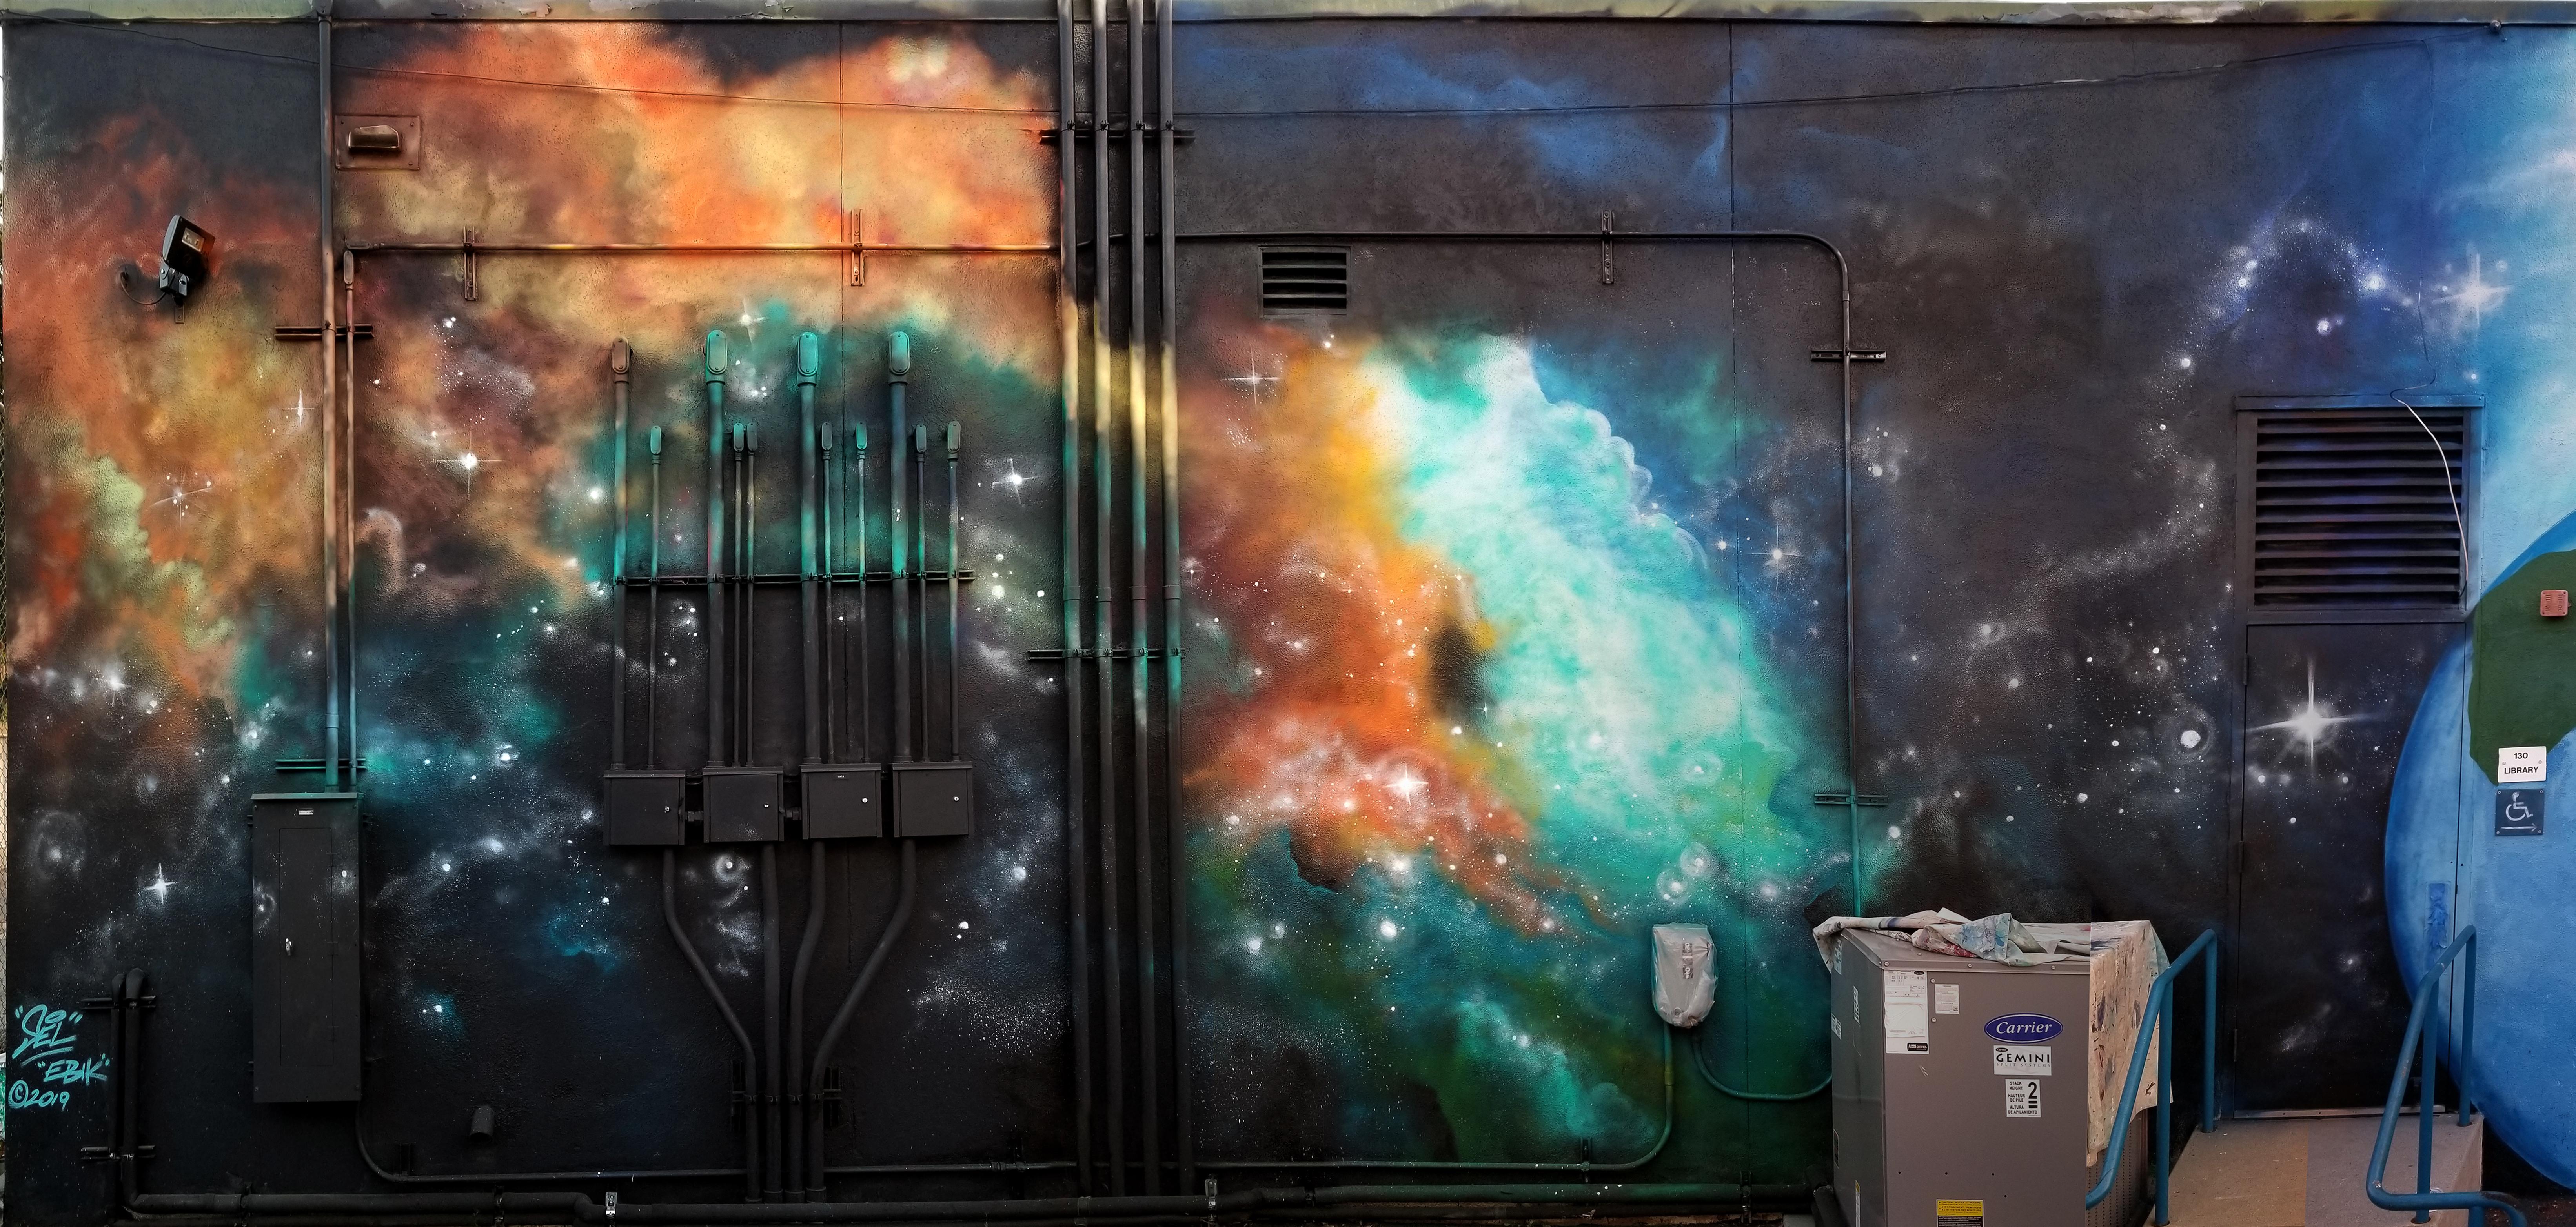 Nebula / Galaxy